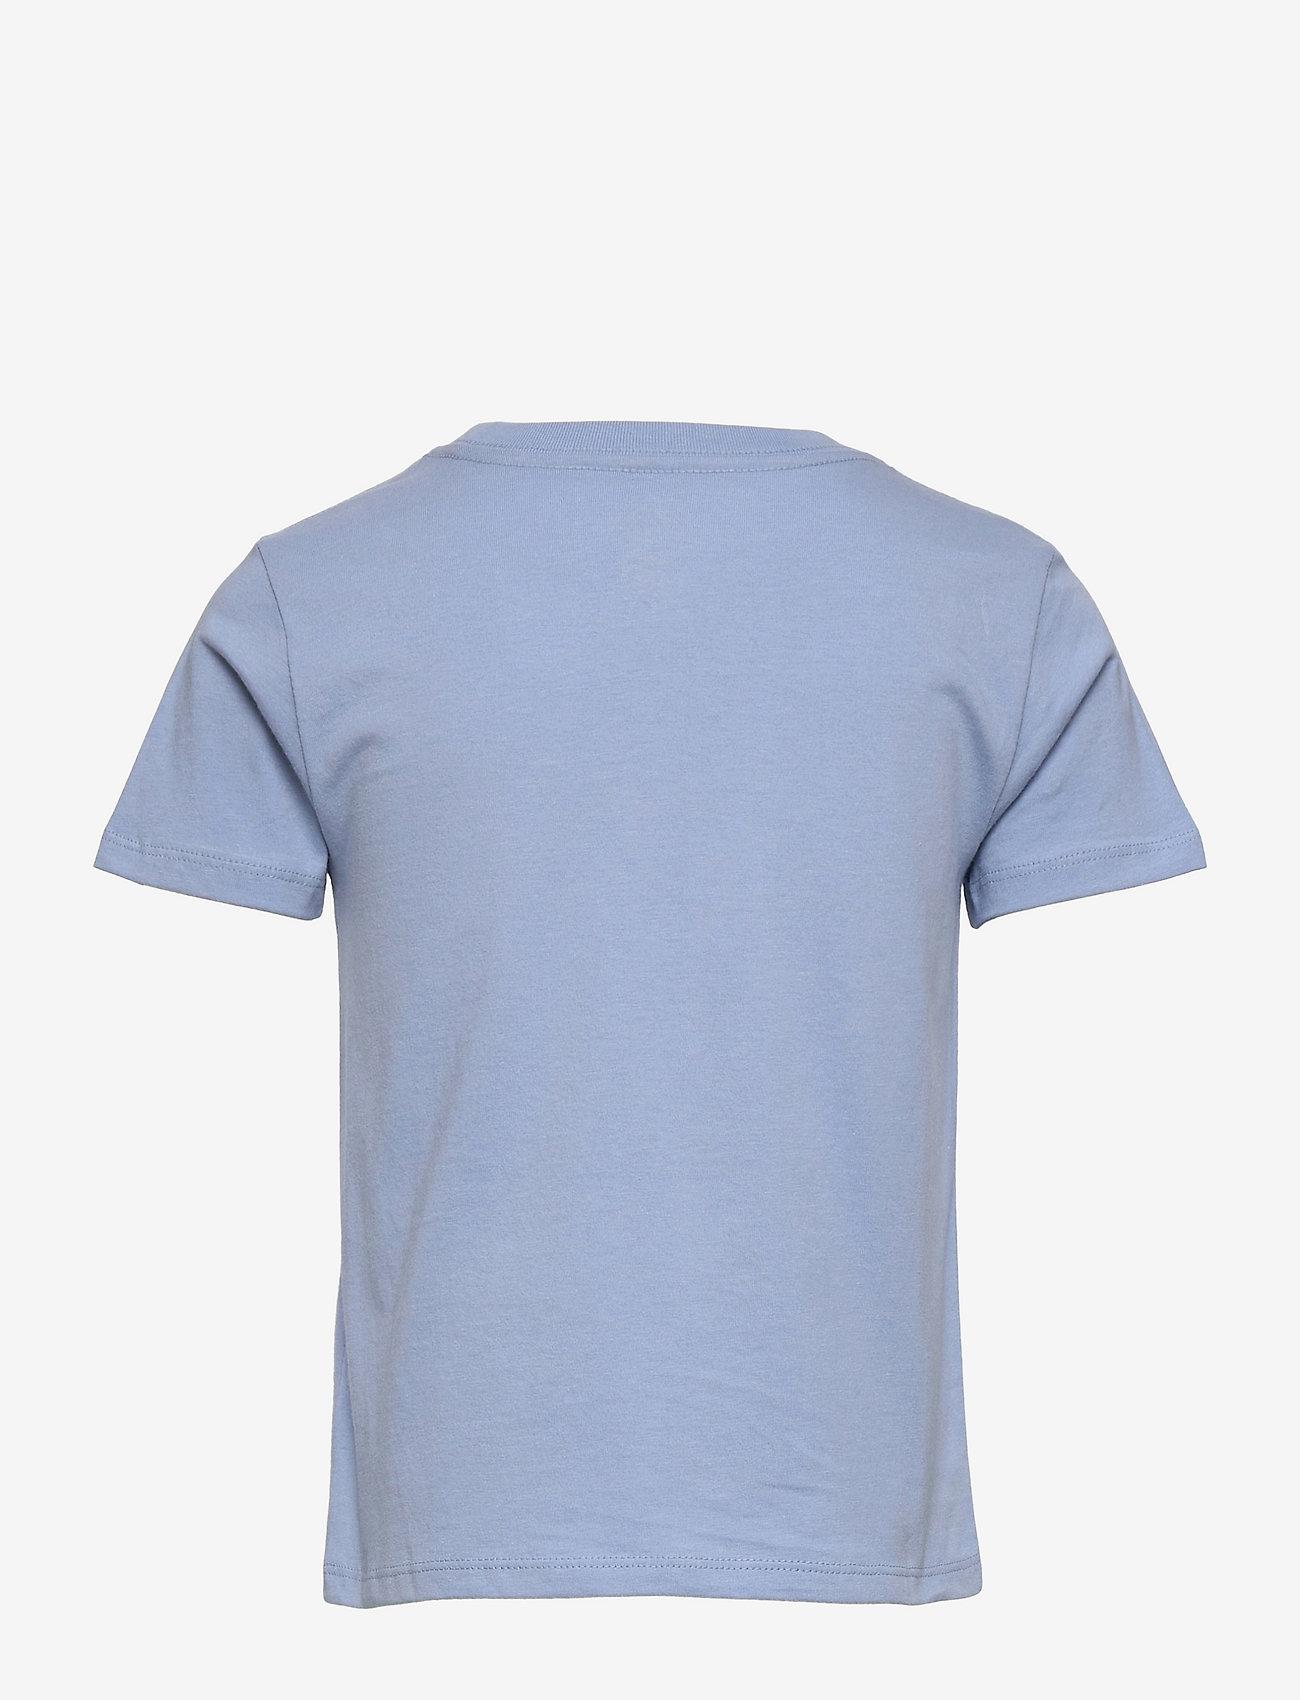 Ralph Lauren Kids - Logo Cotton Jersey Tee - pattern short-sleeved t-shirt - chambray blue - 1